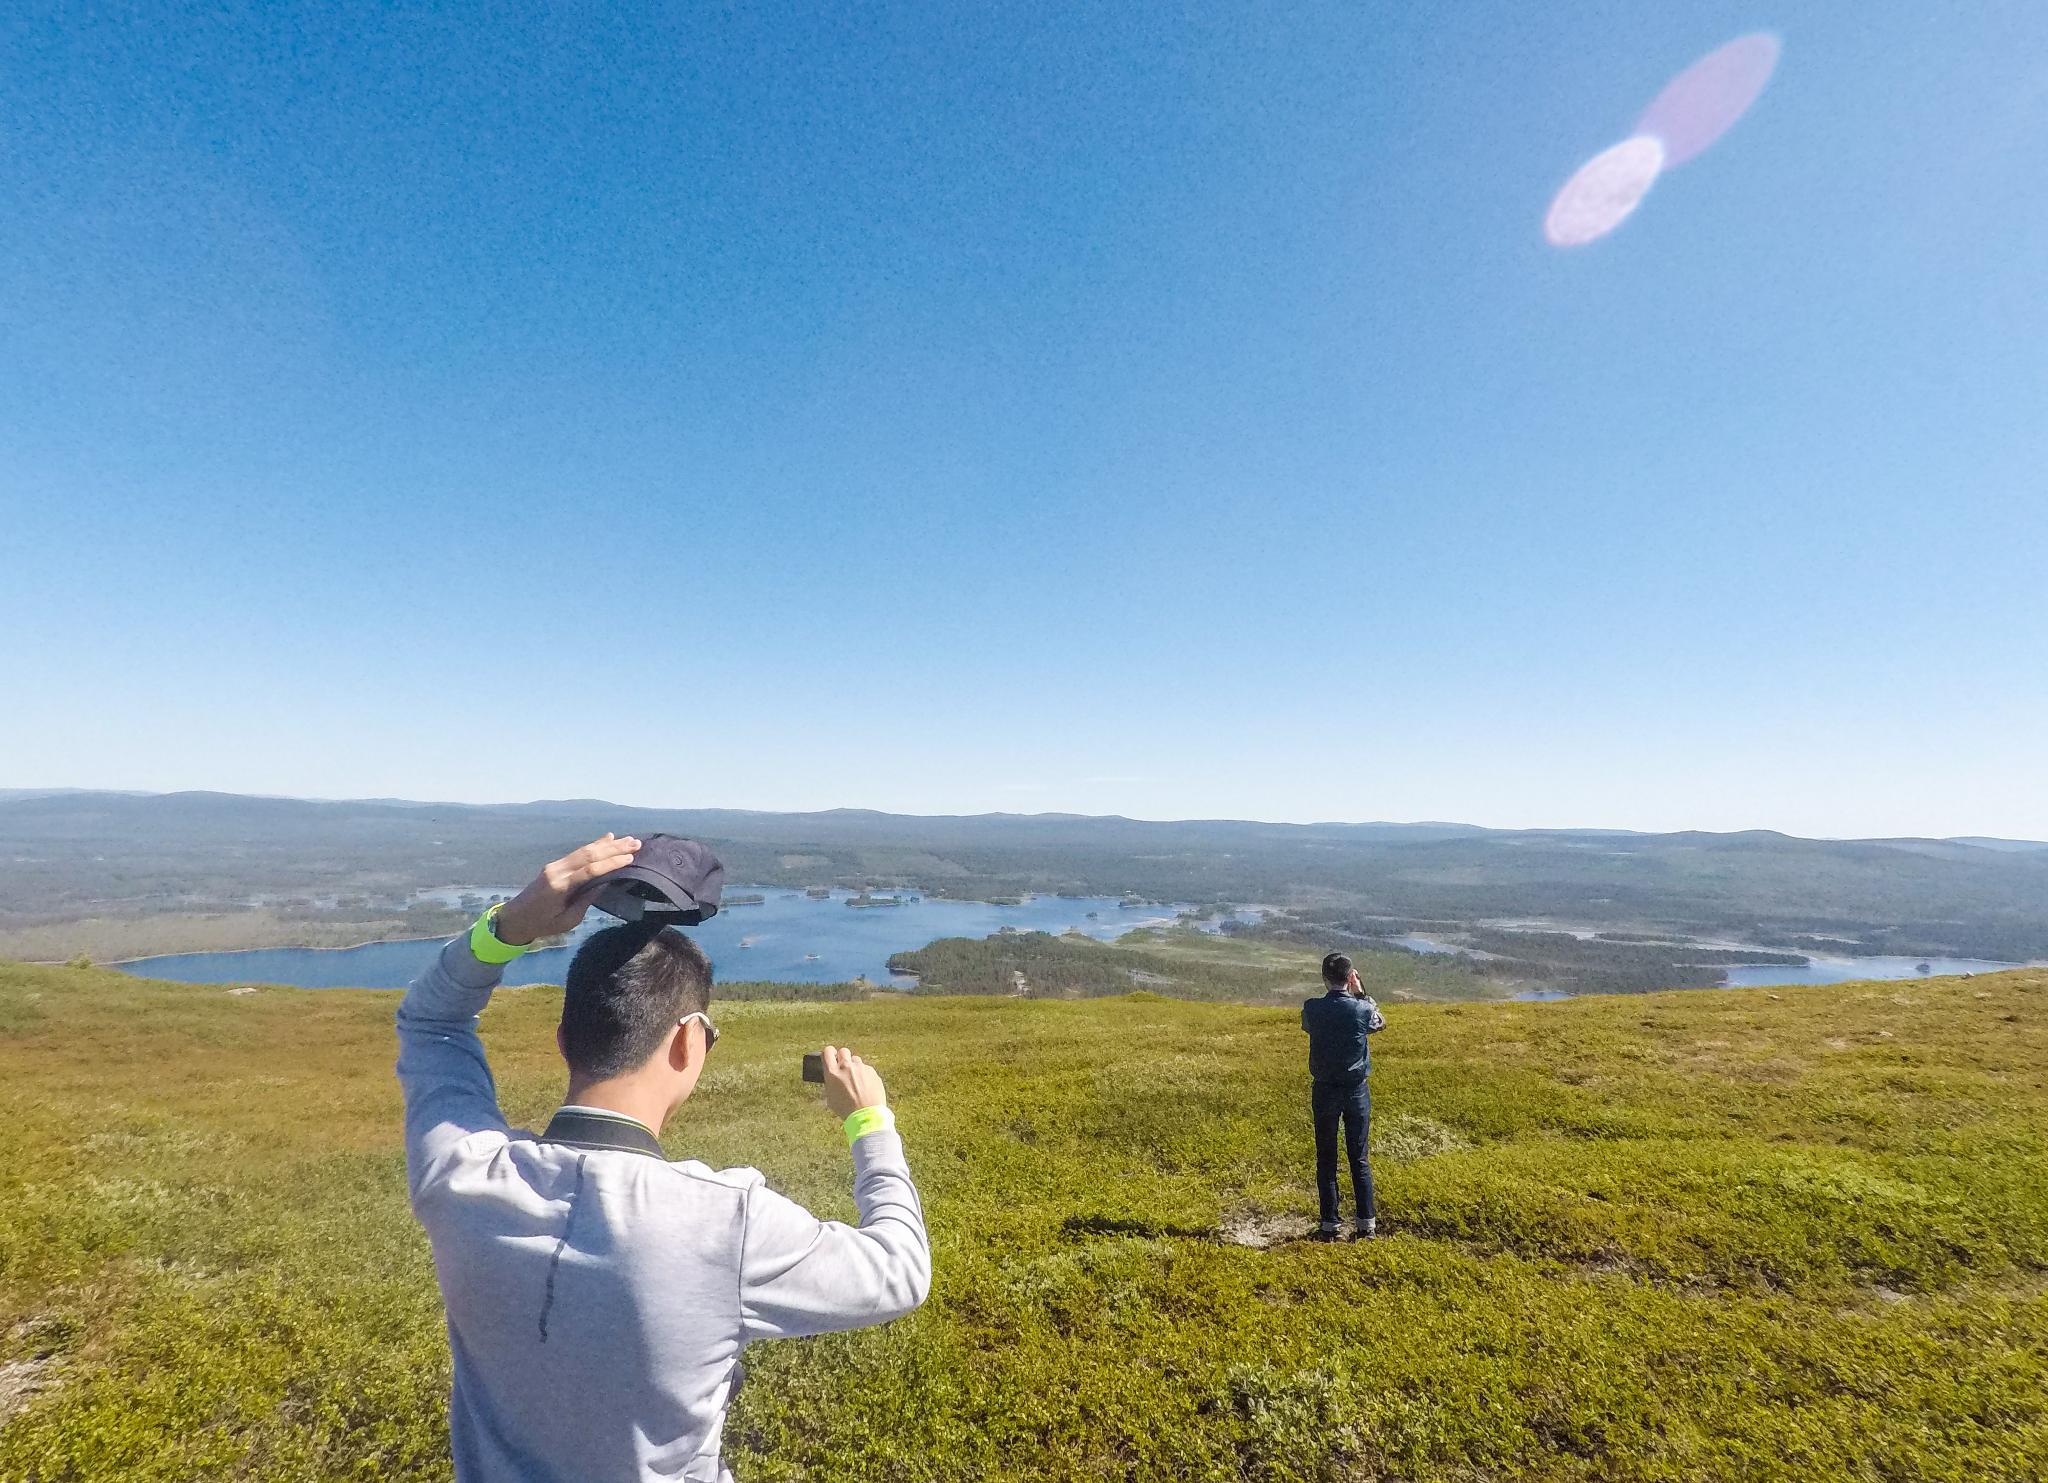 【北歐景點】Arjeplog Galtispuoda:眺望無盡延綿的瑞典極圈荒原 30